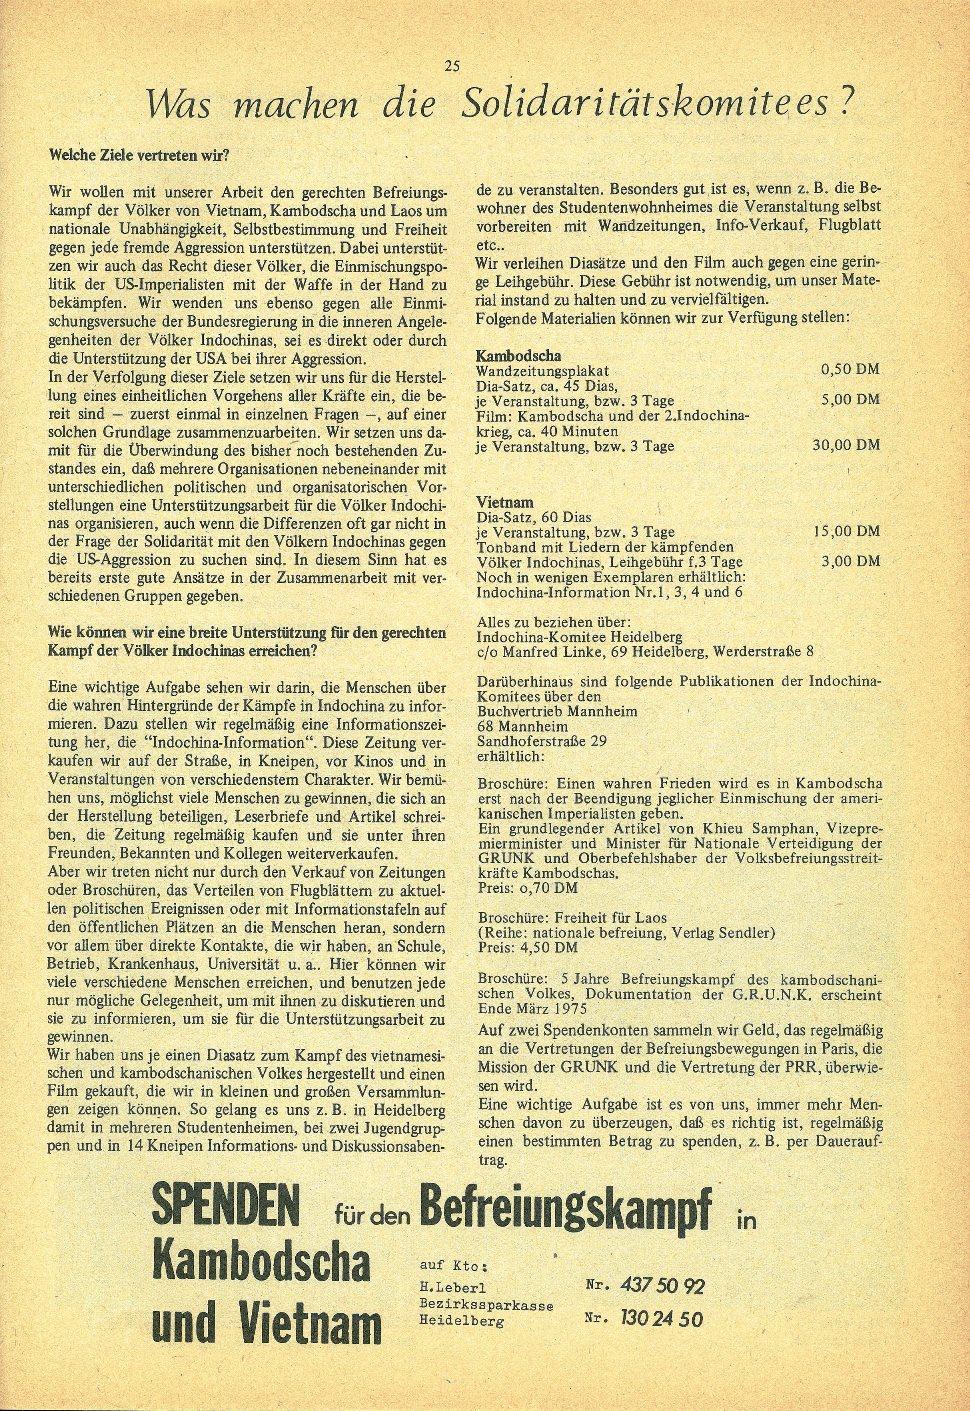 Kambodscha_1974_Das_Volk_besiegt_den_Imperialismus026